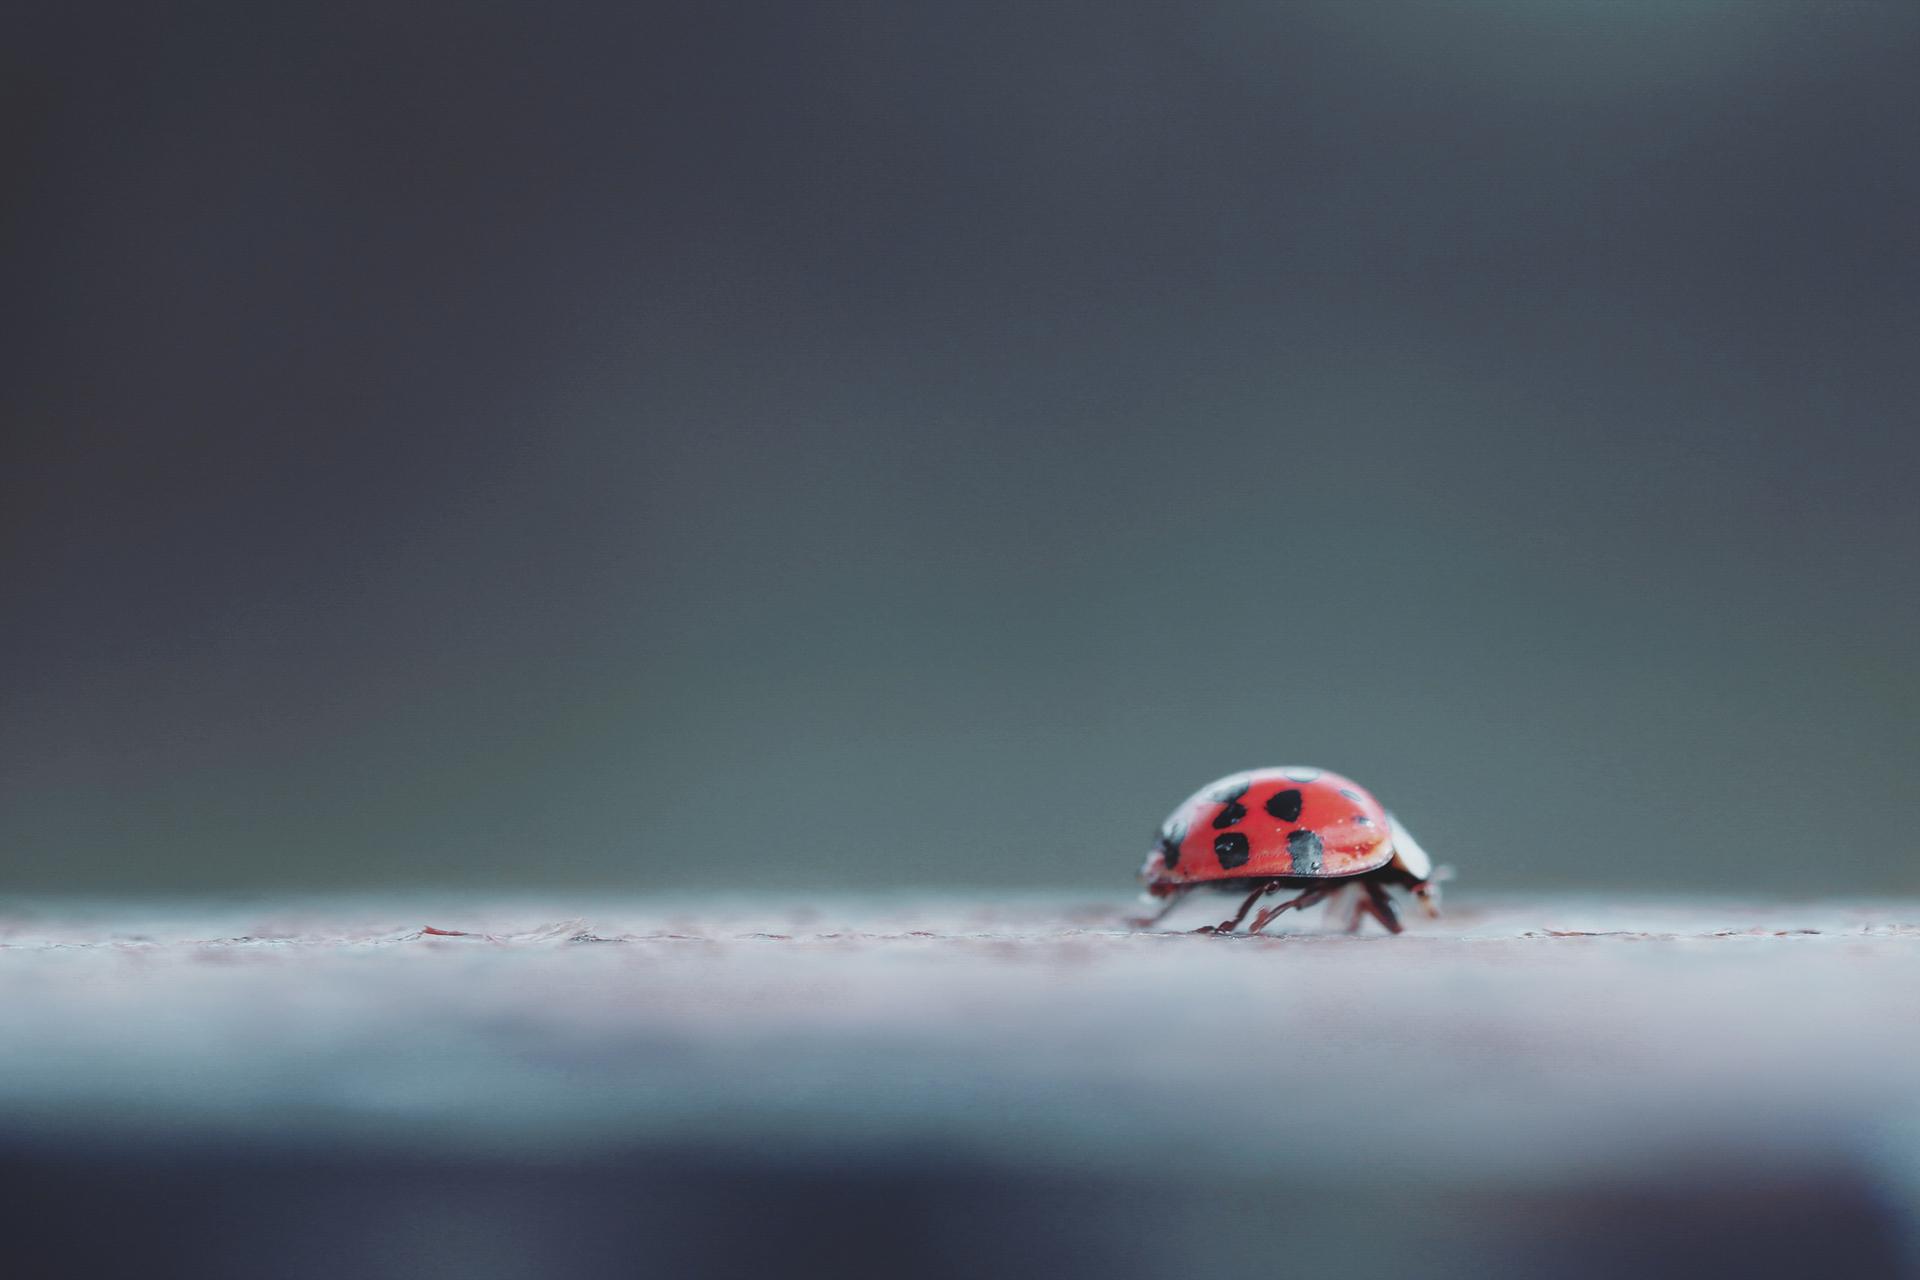 A ladybug crawling on a fence